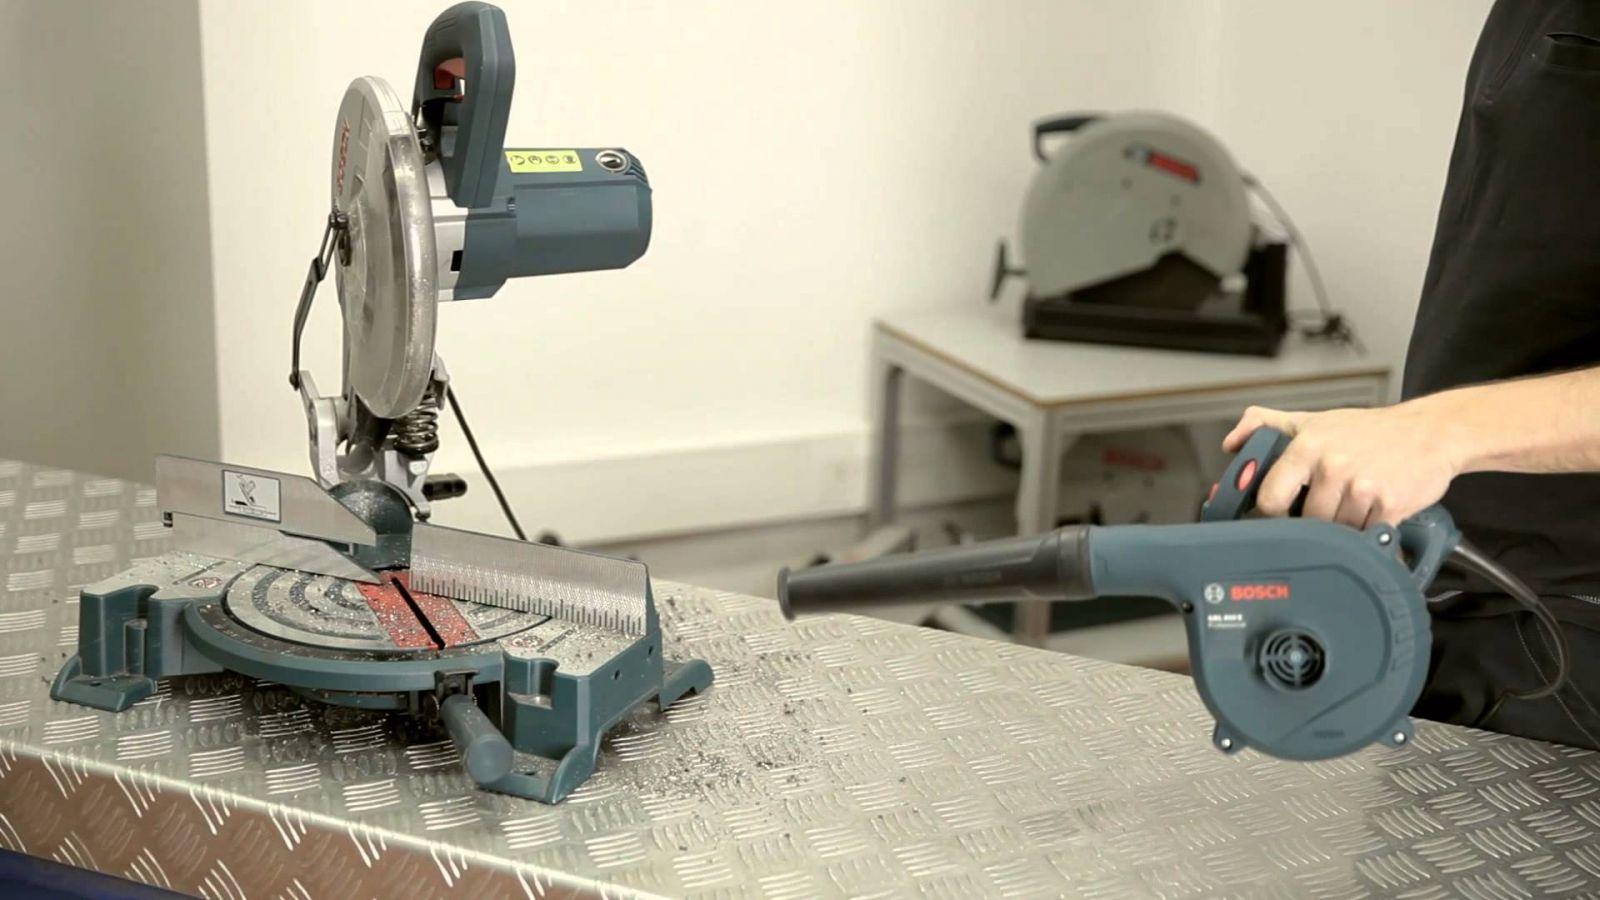 Ưu điểm nổi bật của máy thổi bụi Bosch GBL 800E 800W